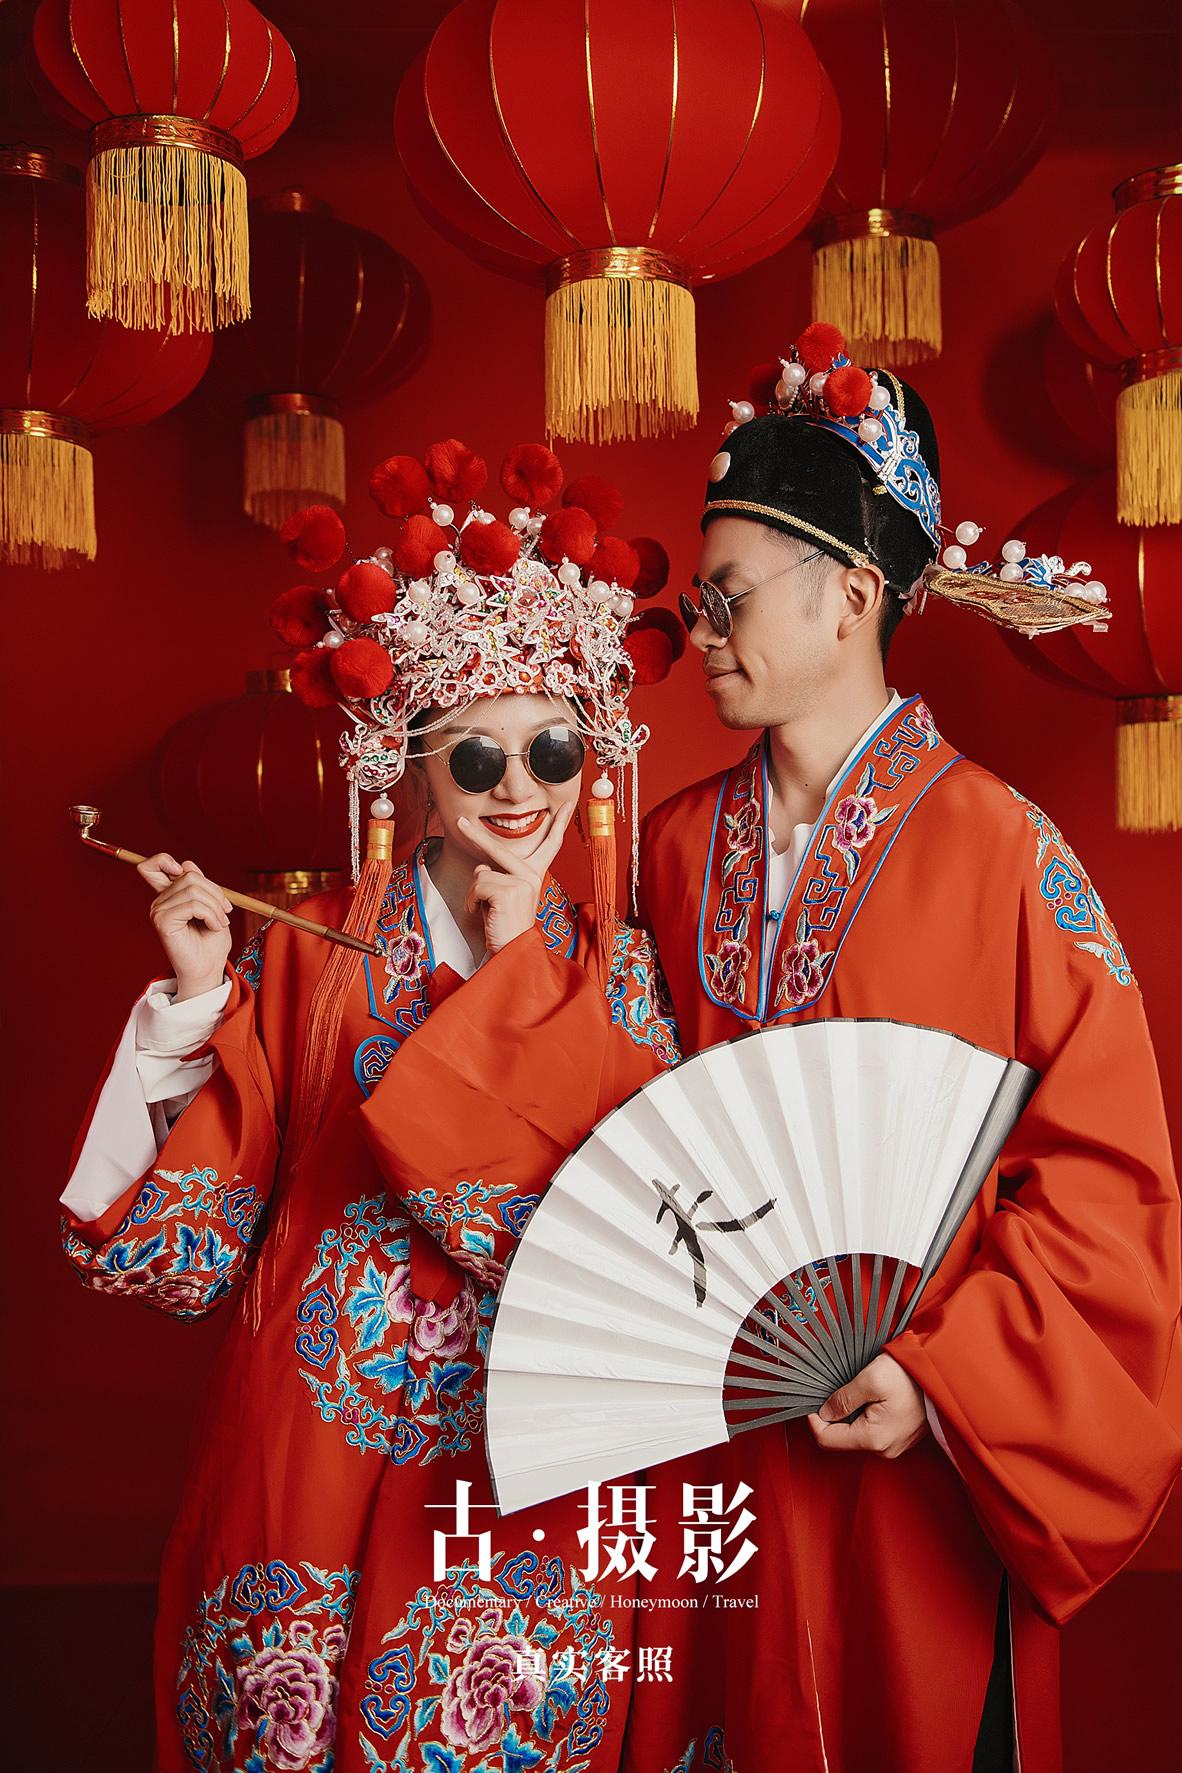 陈先生 庚小姐 - 每日客照 - 广州婚纱摄影-广州古摄影官网